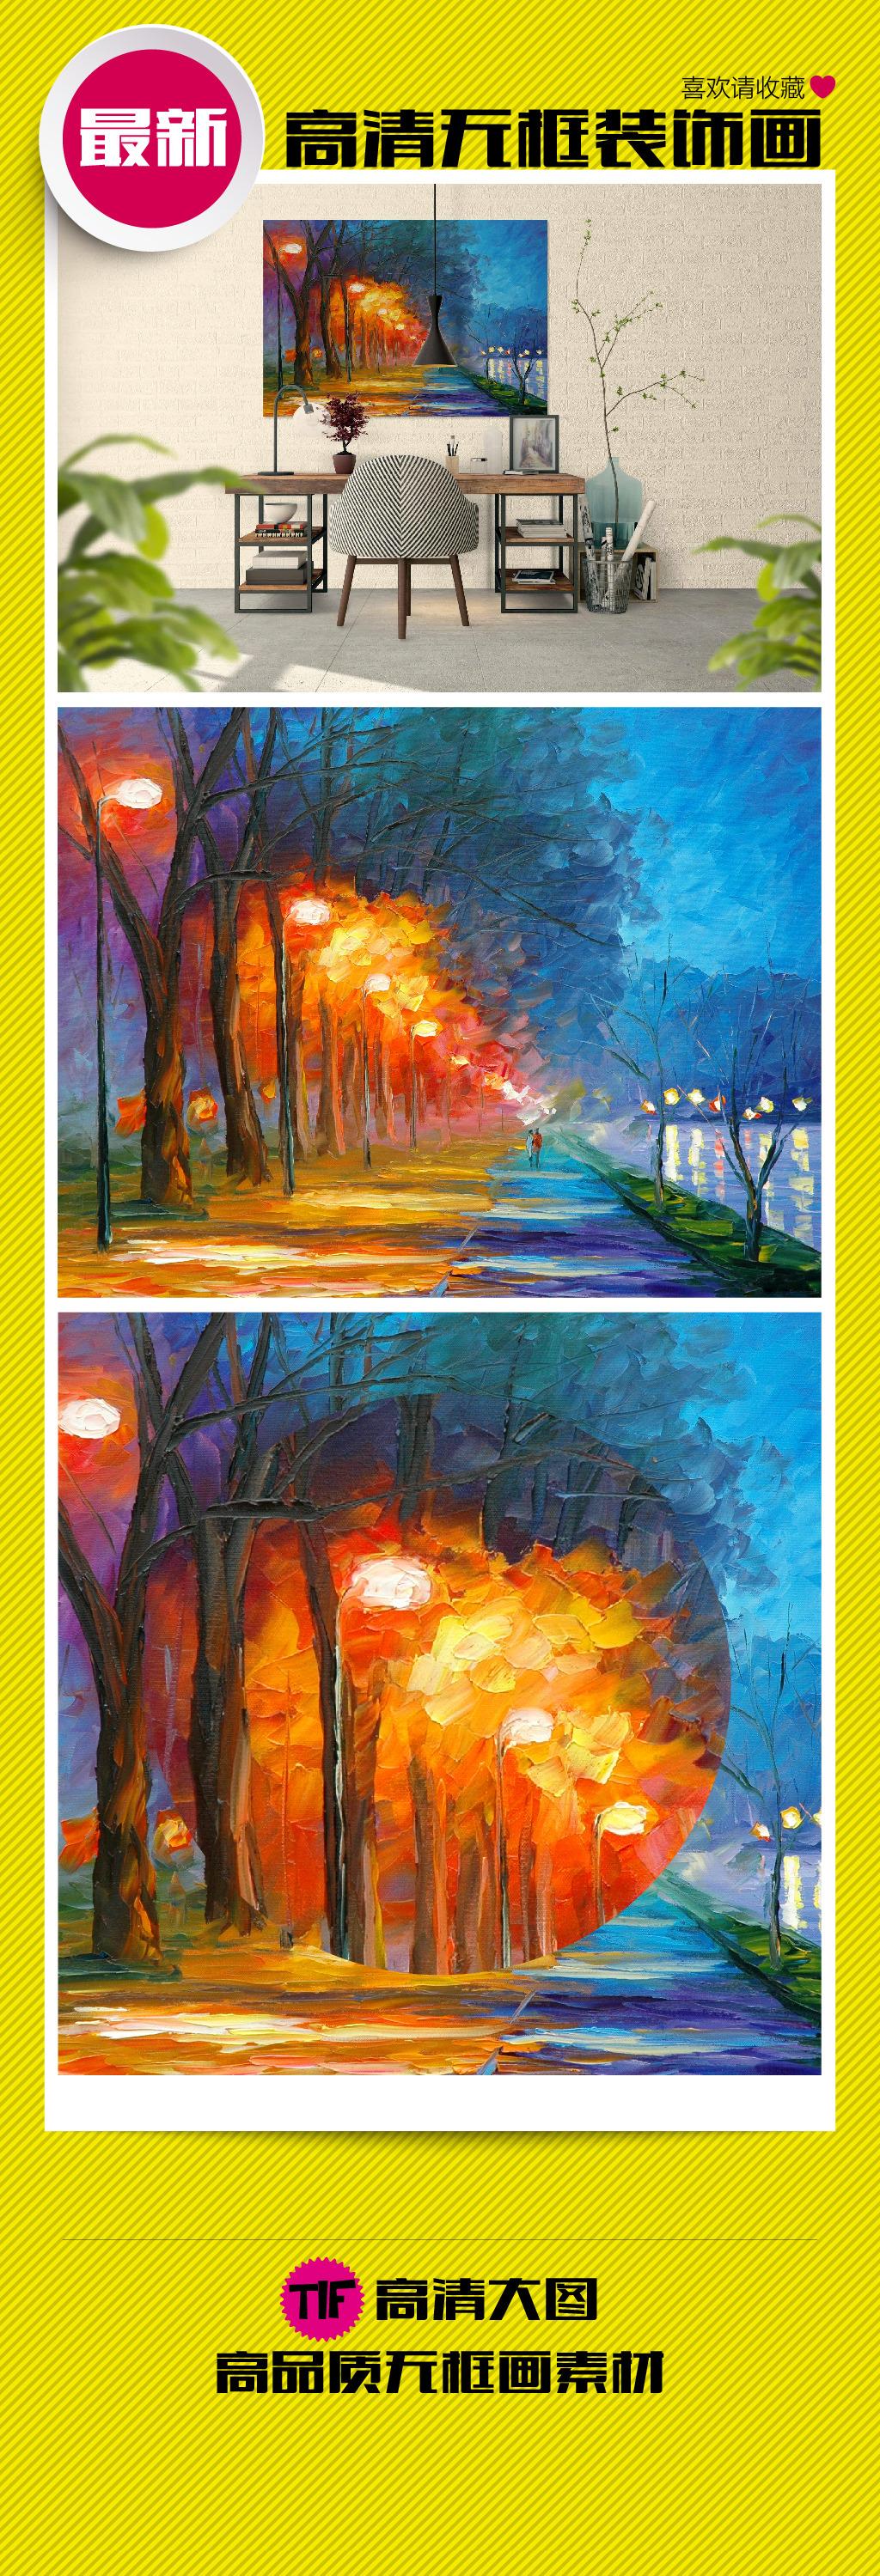 现代抽象风景油画装饰画模板下载